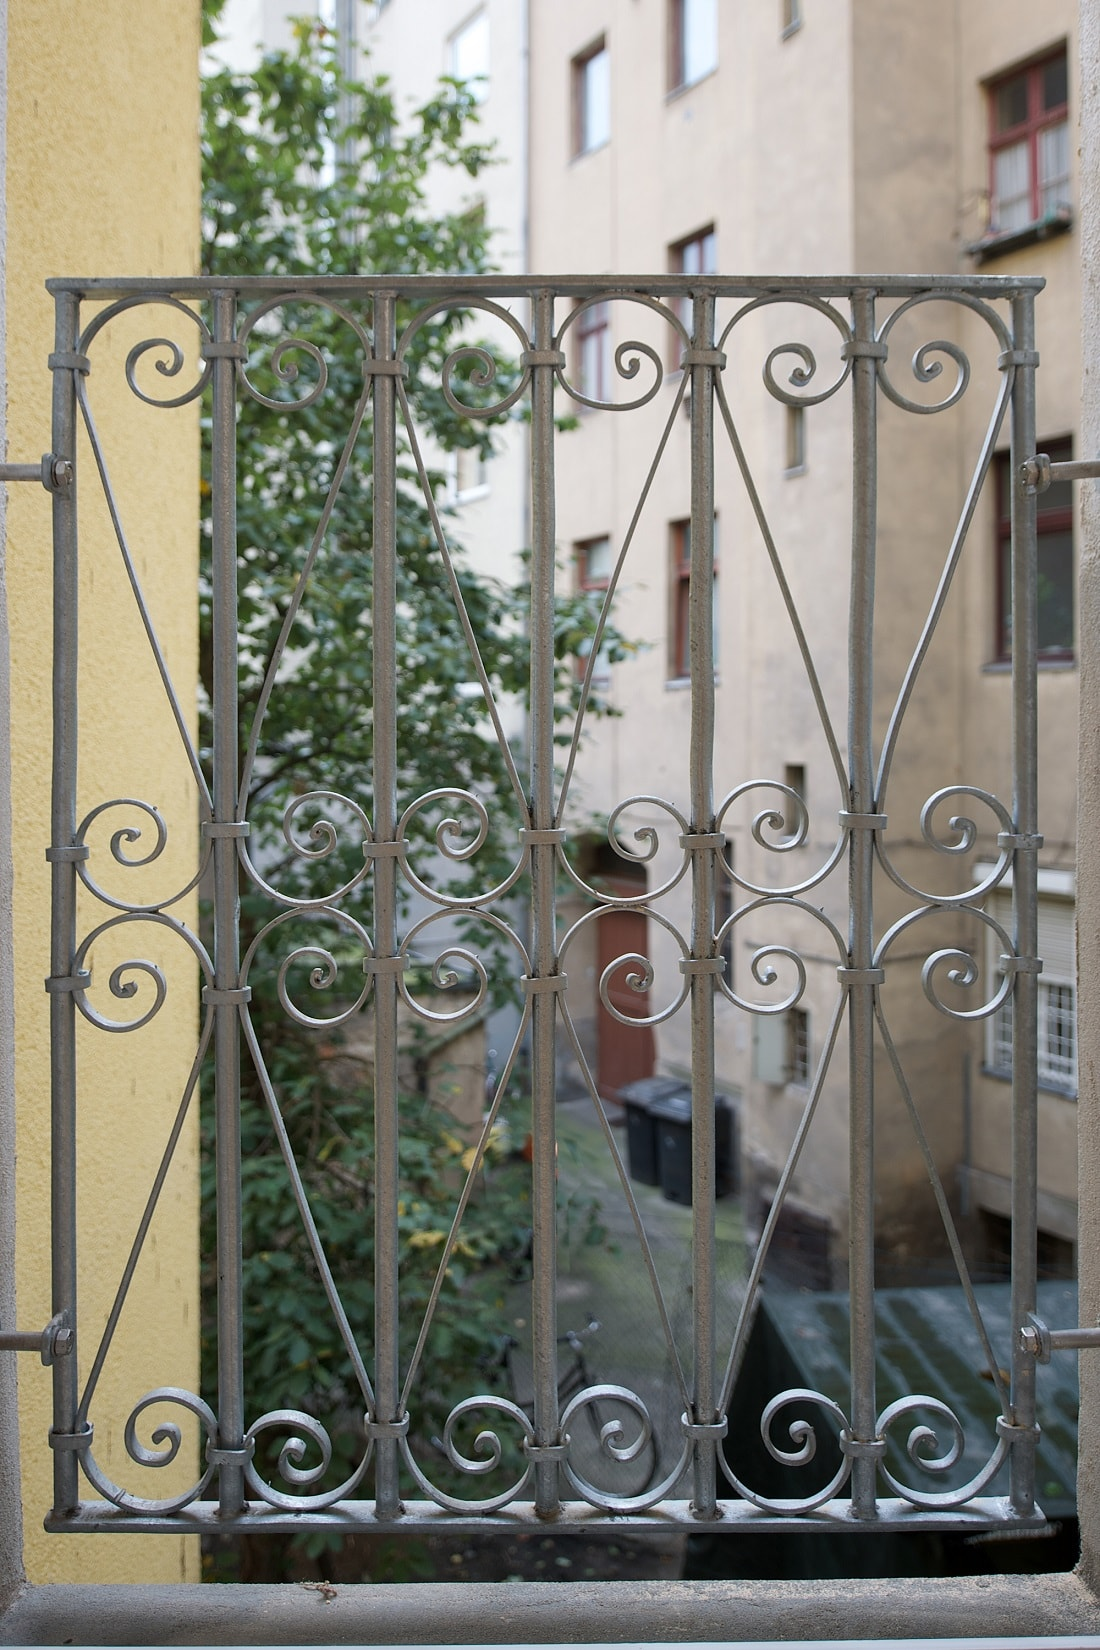 Gabriele Riesner, Architektin, Berlin, Dachgeschossausbau eines Mietshauses in Berlin-Steglitz, Frontspießzimmer